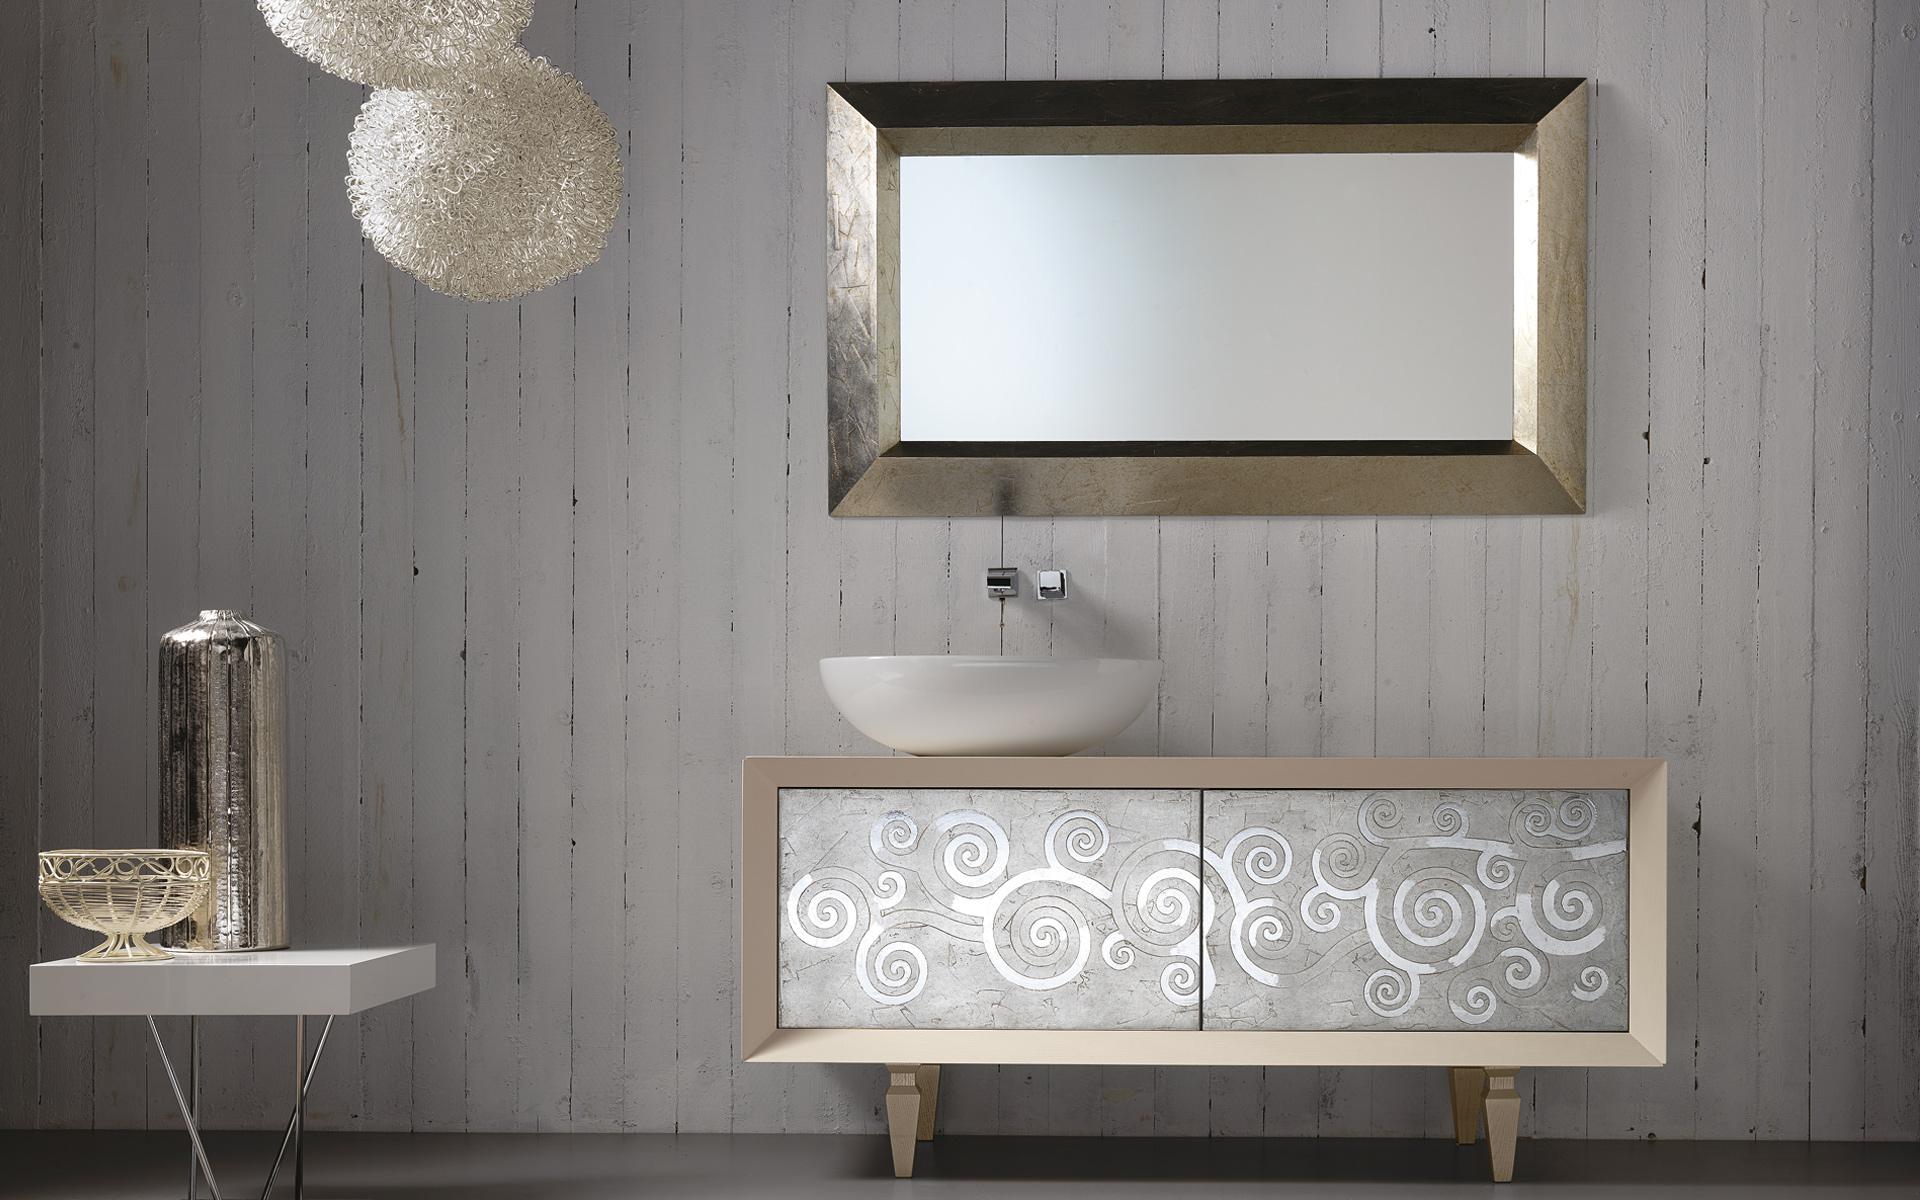 ... mobili e complementi per il bagno moderni e classici in legno massello